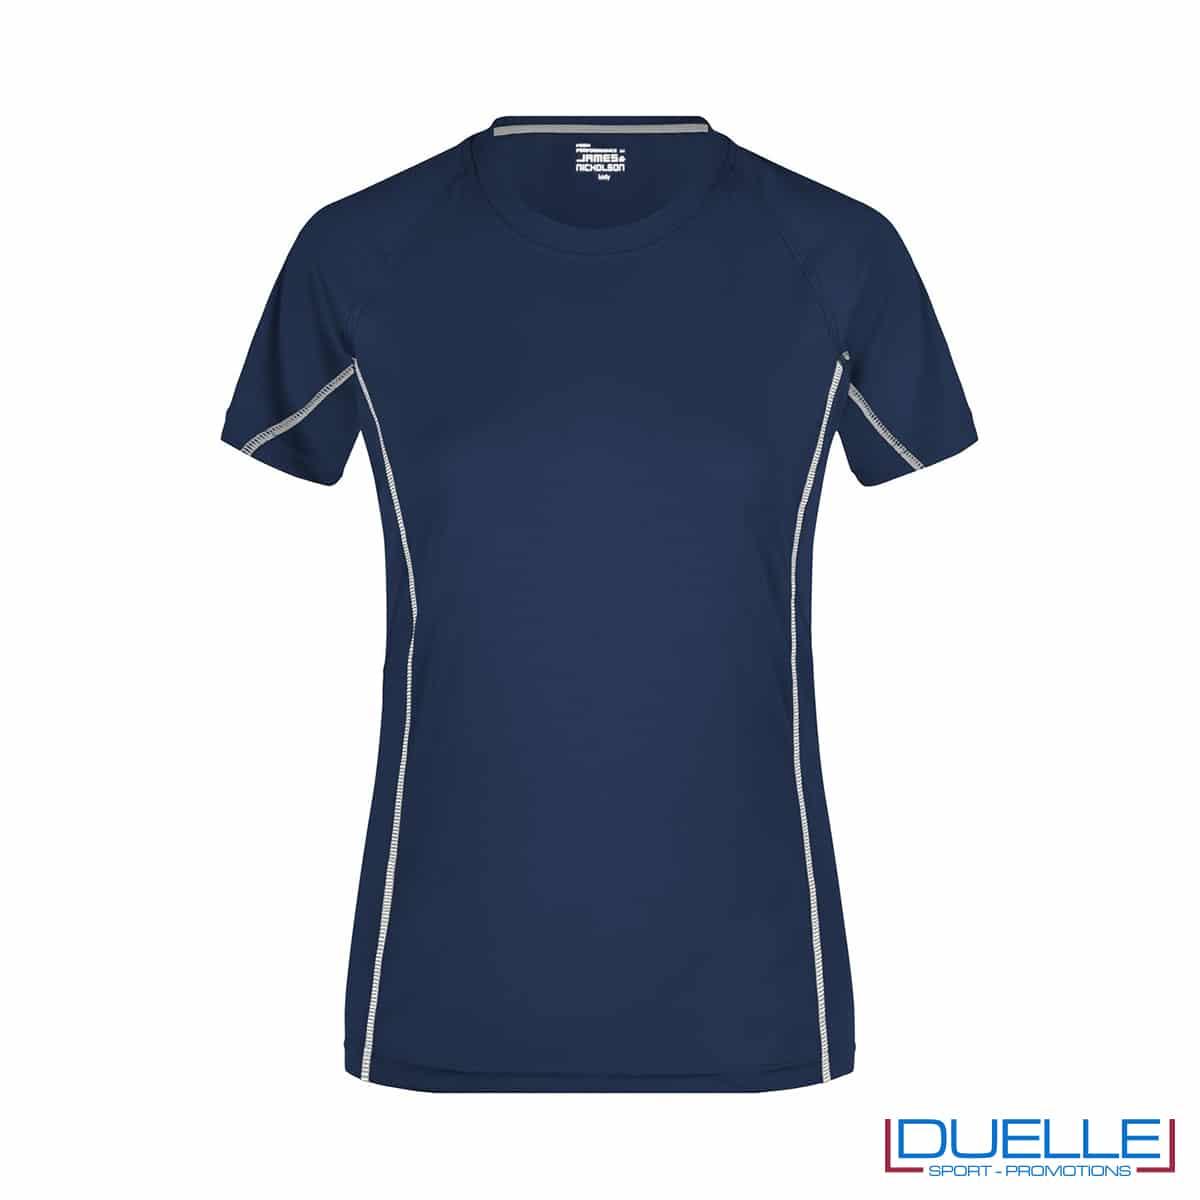 Maglia running Coolmax donna colore blu navy/bianco personalizzata